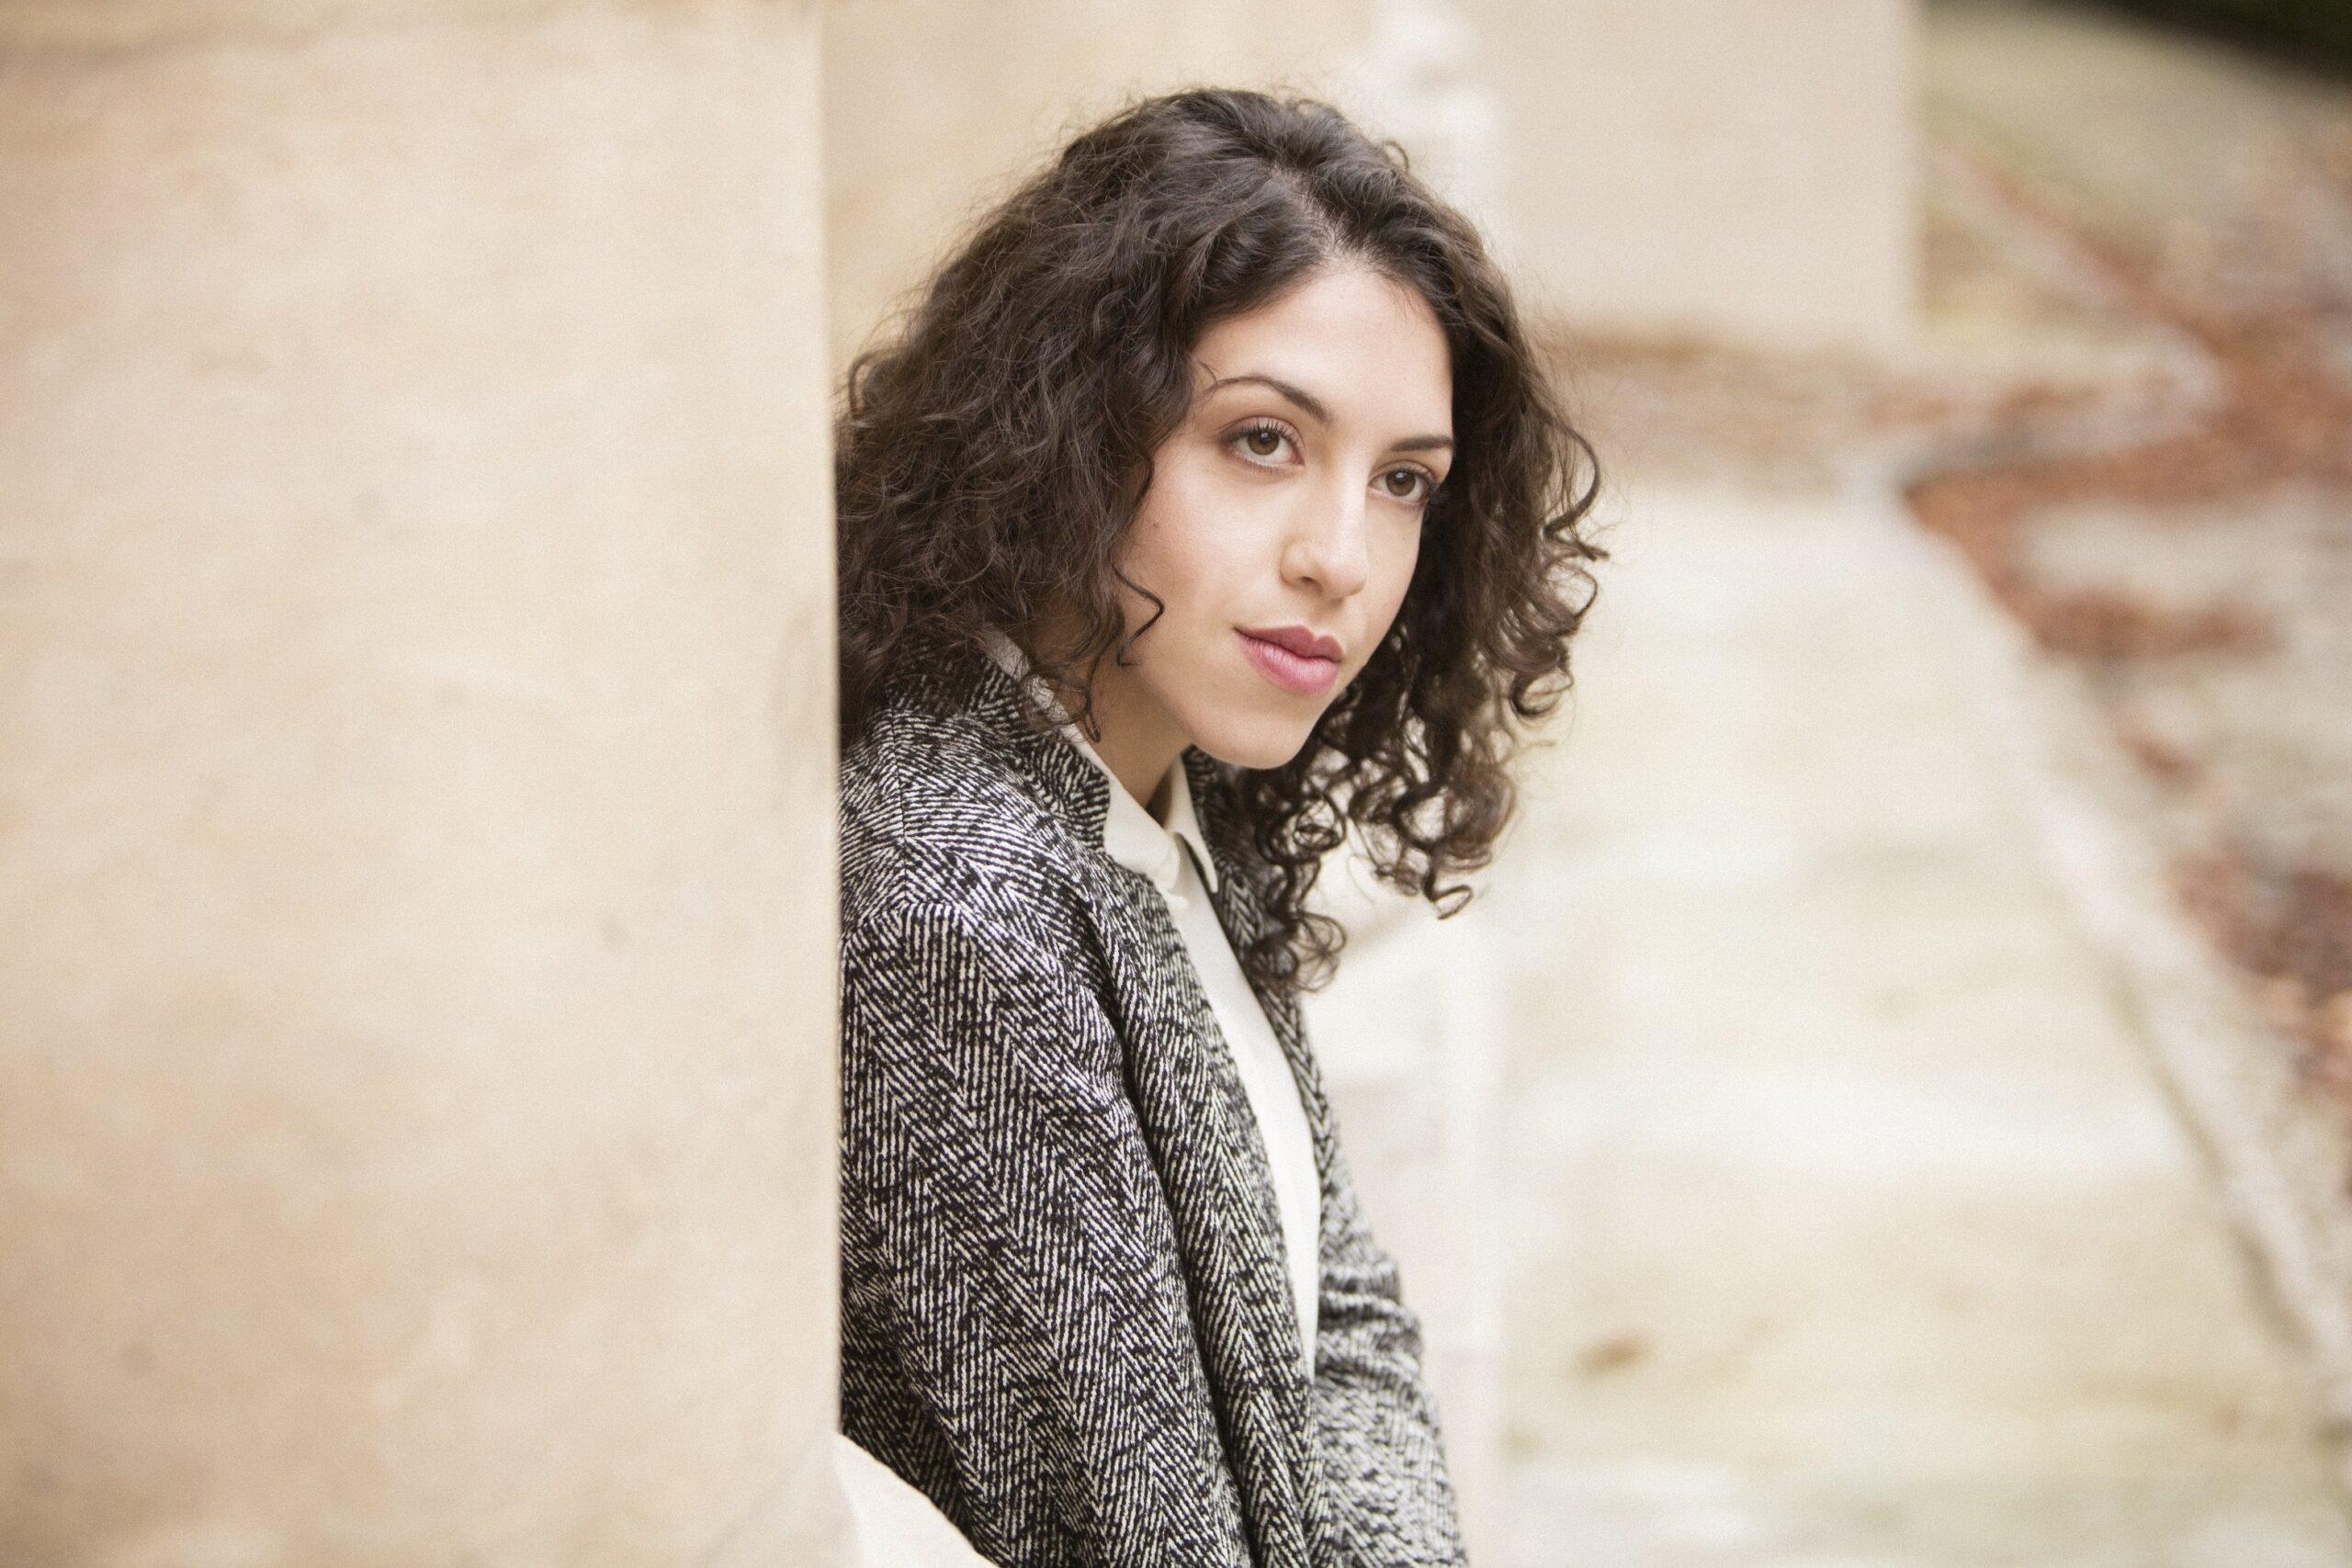 La pianista-star Beatrice Rana in concerto al Teatro Lauro Rossi